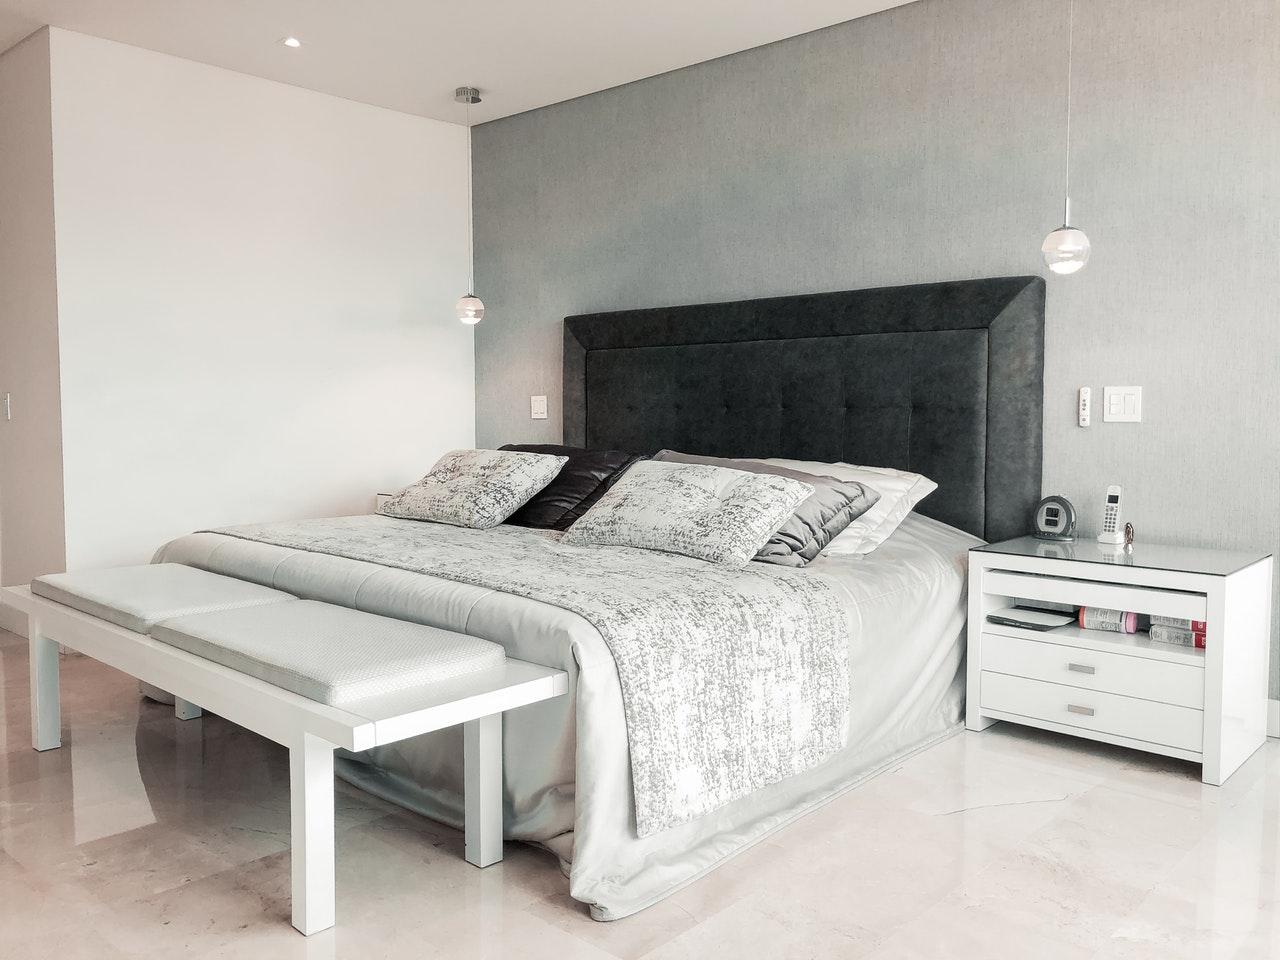 Gute Schrankbetten sind so bequem wie normale Betten.